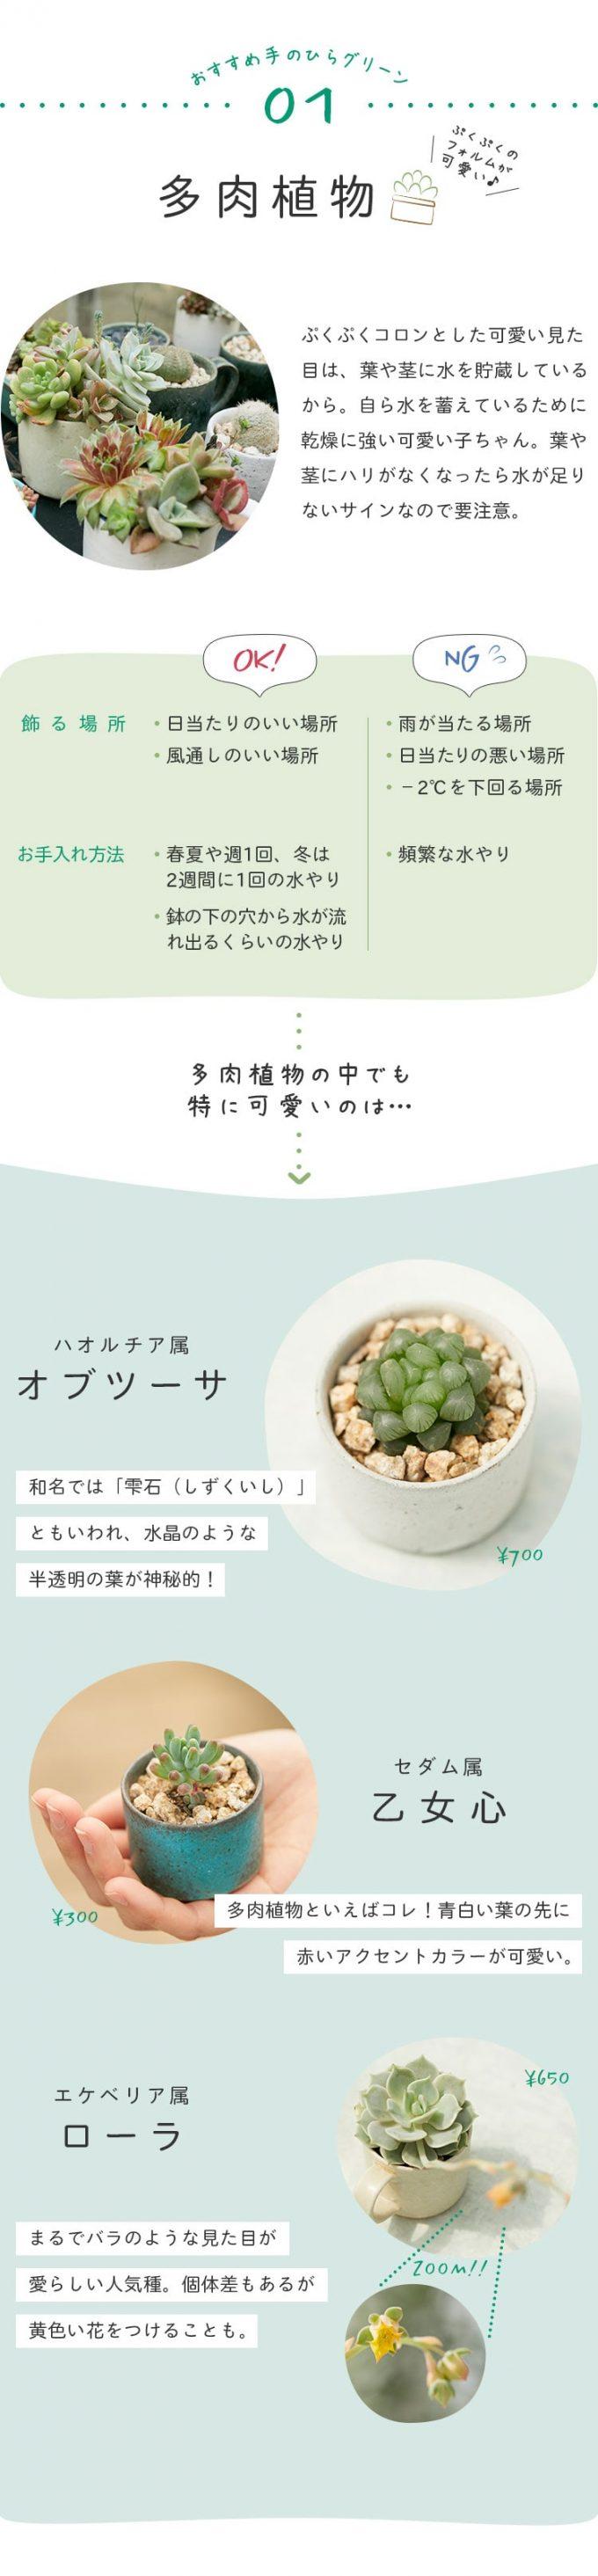 育てやすくて可愛いグリーン01「多肉植物」